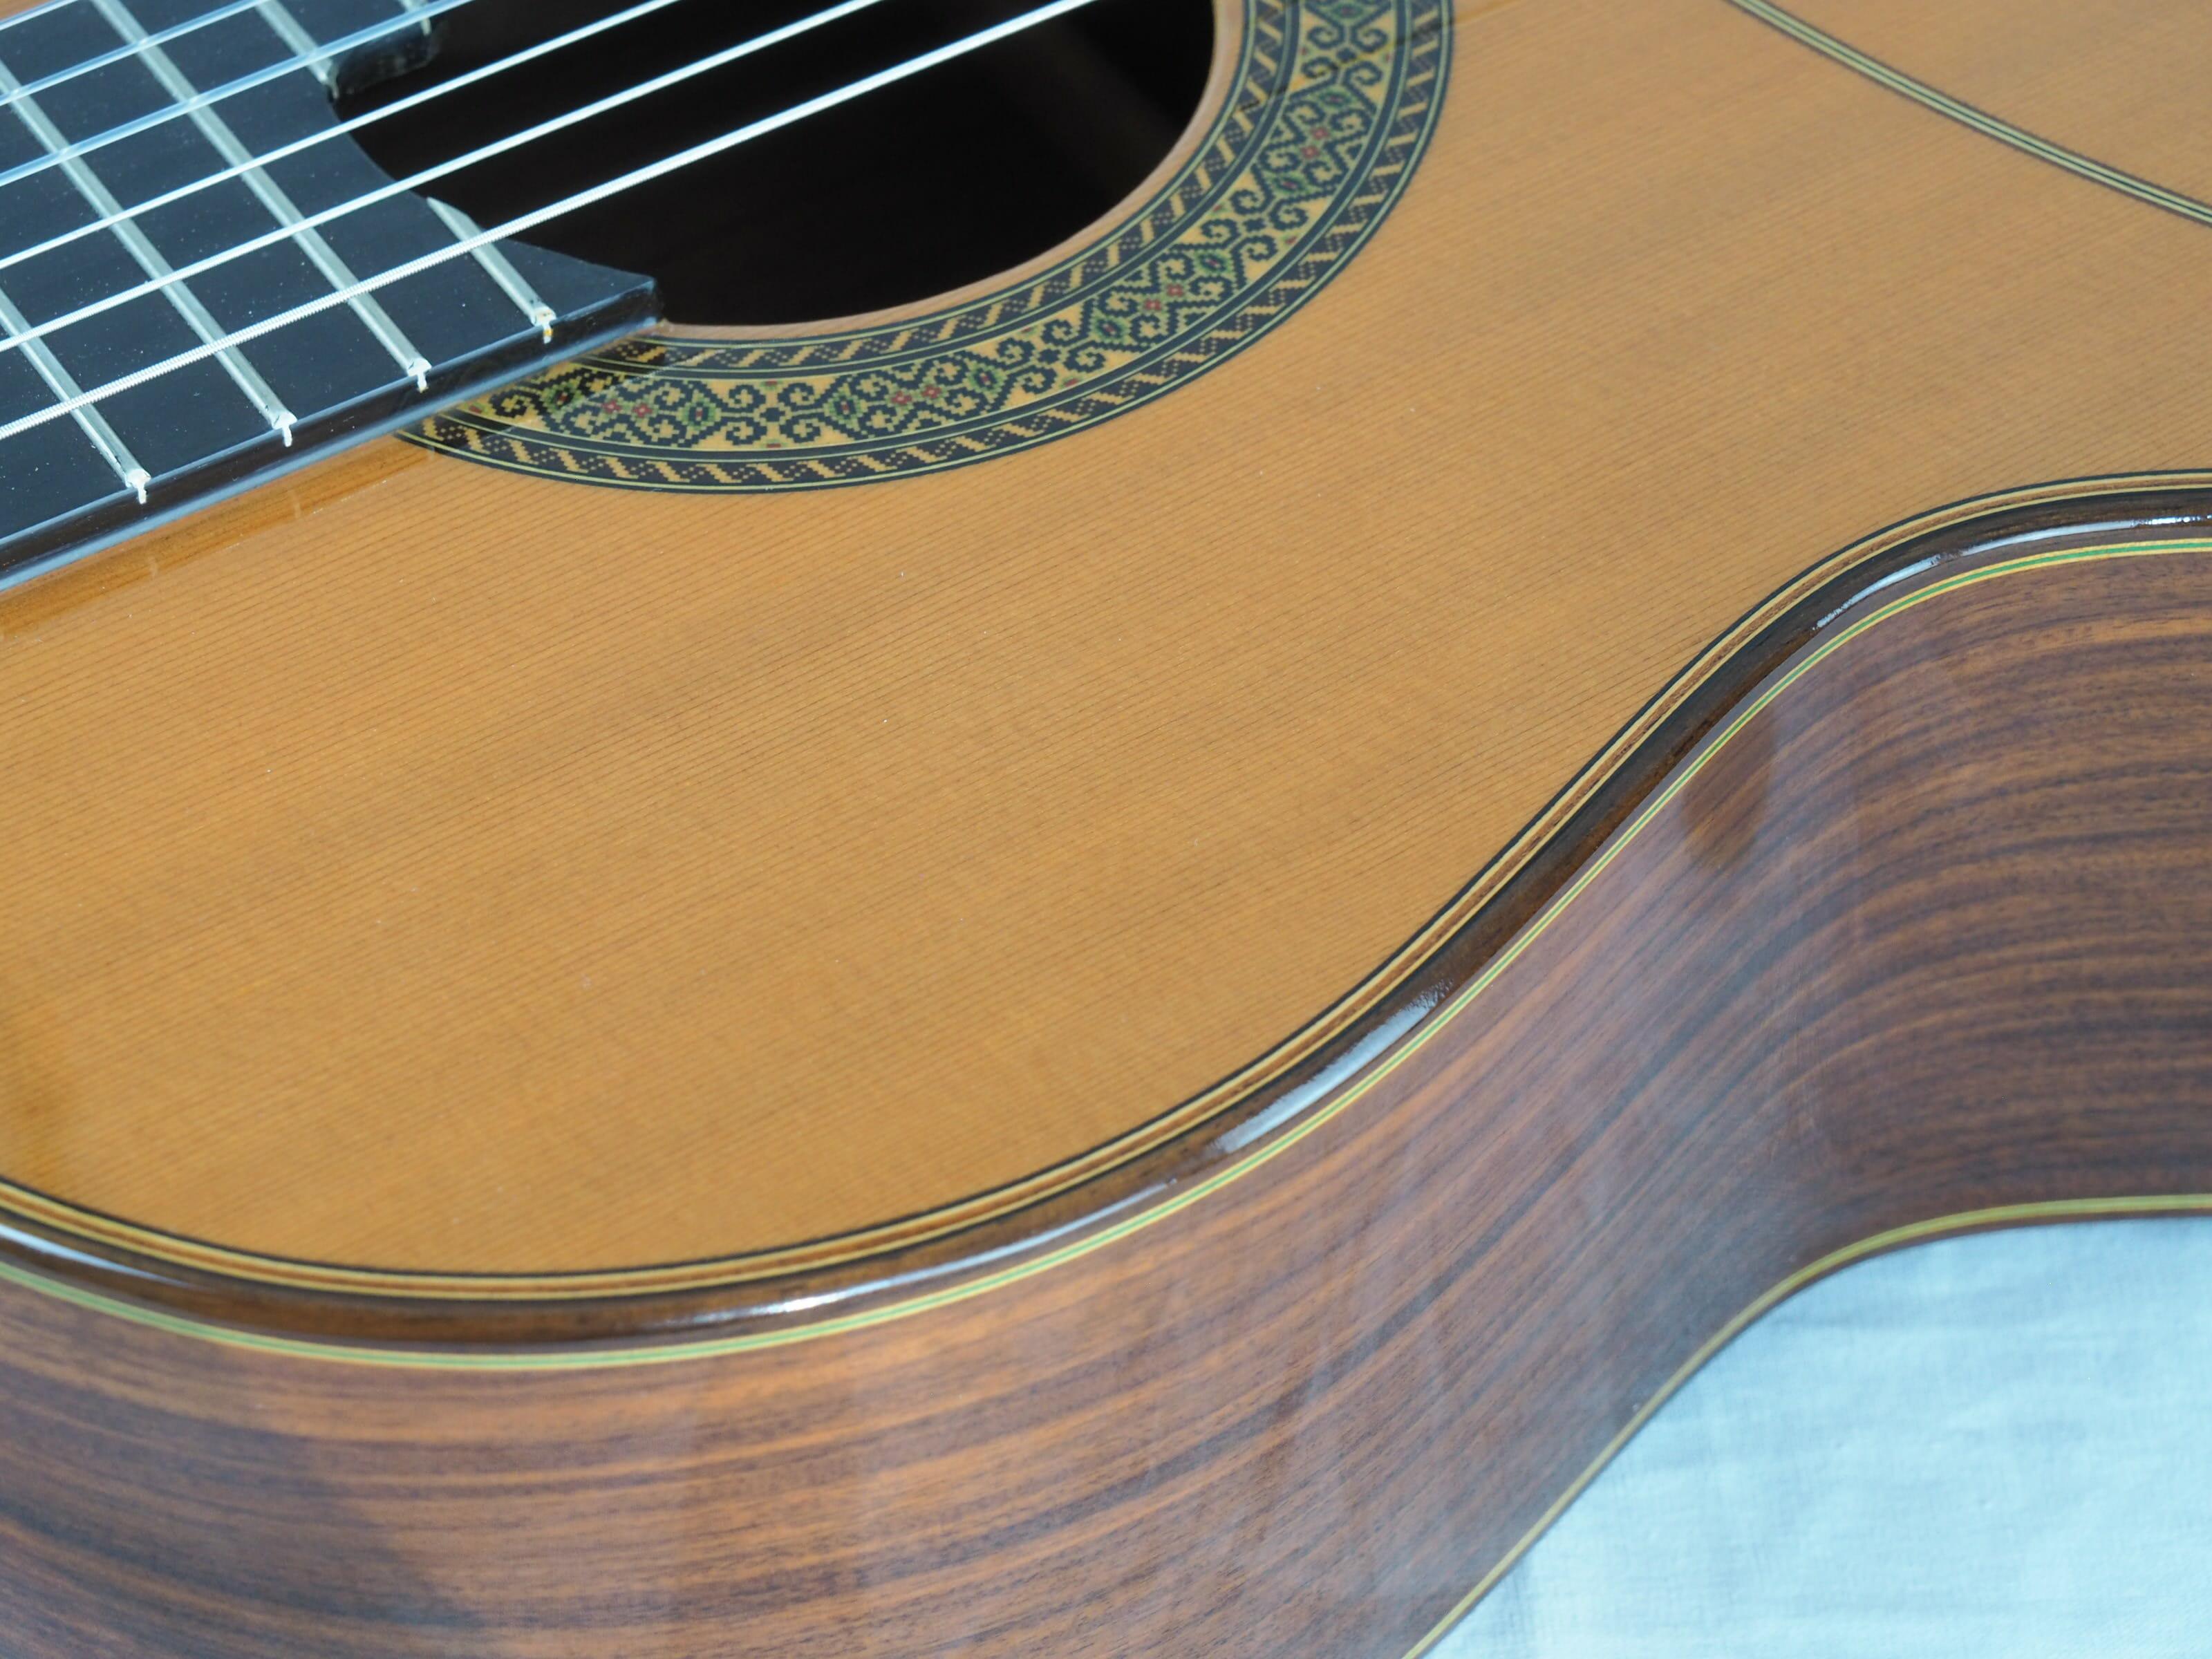 Dieter Hopf guitare luthier Artista Membrane No 19HOP163-02